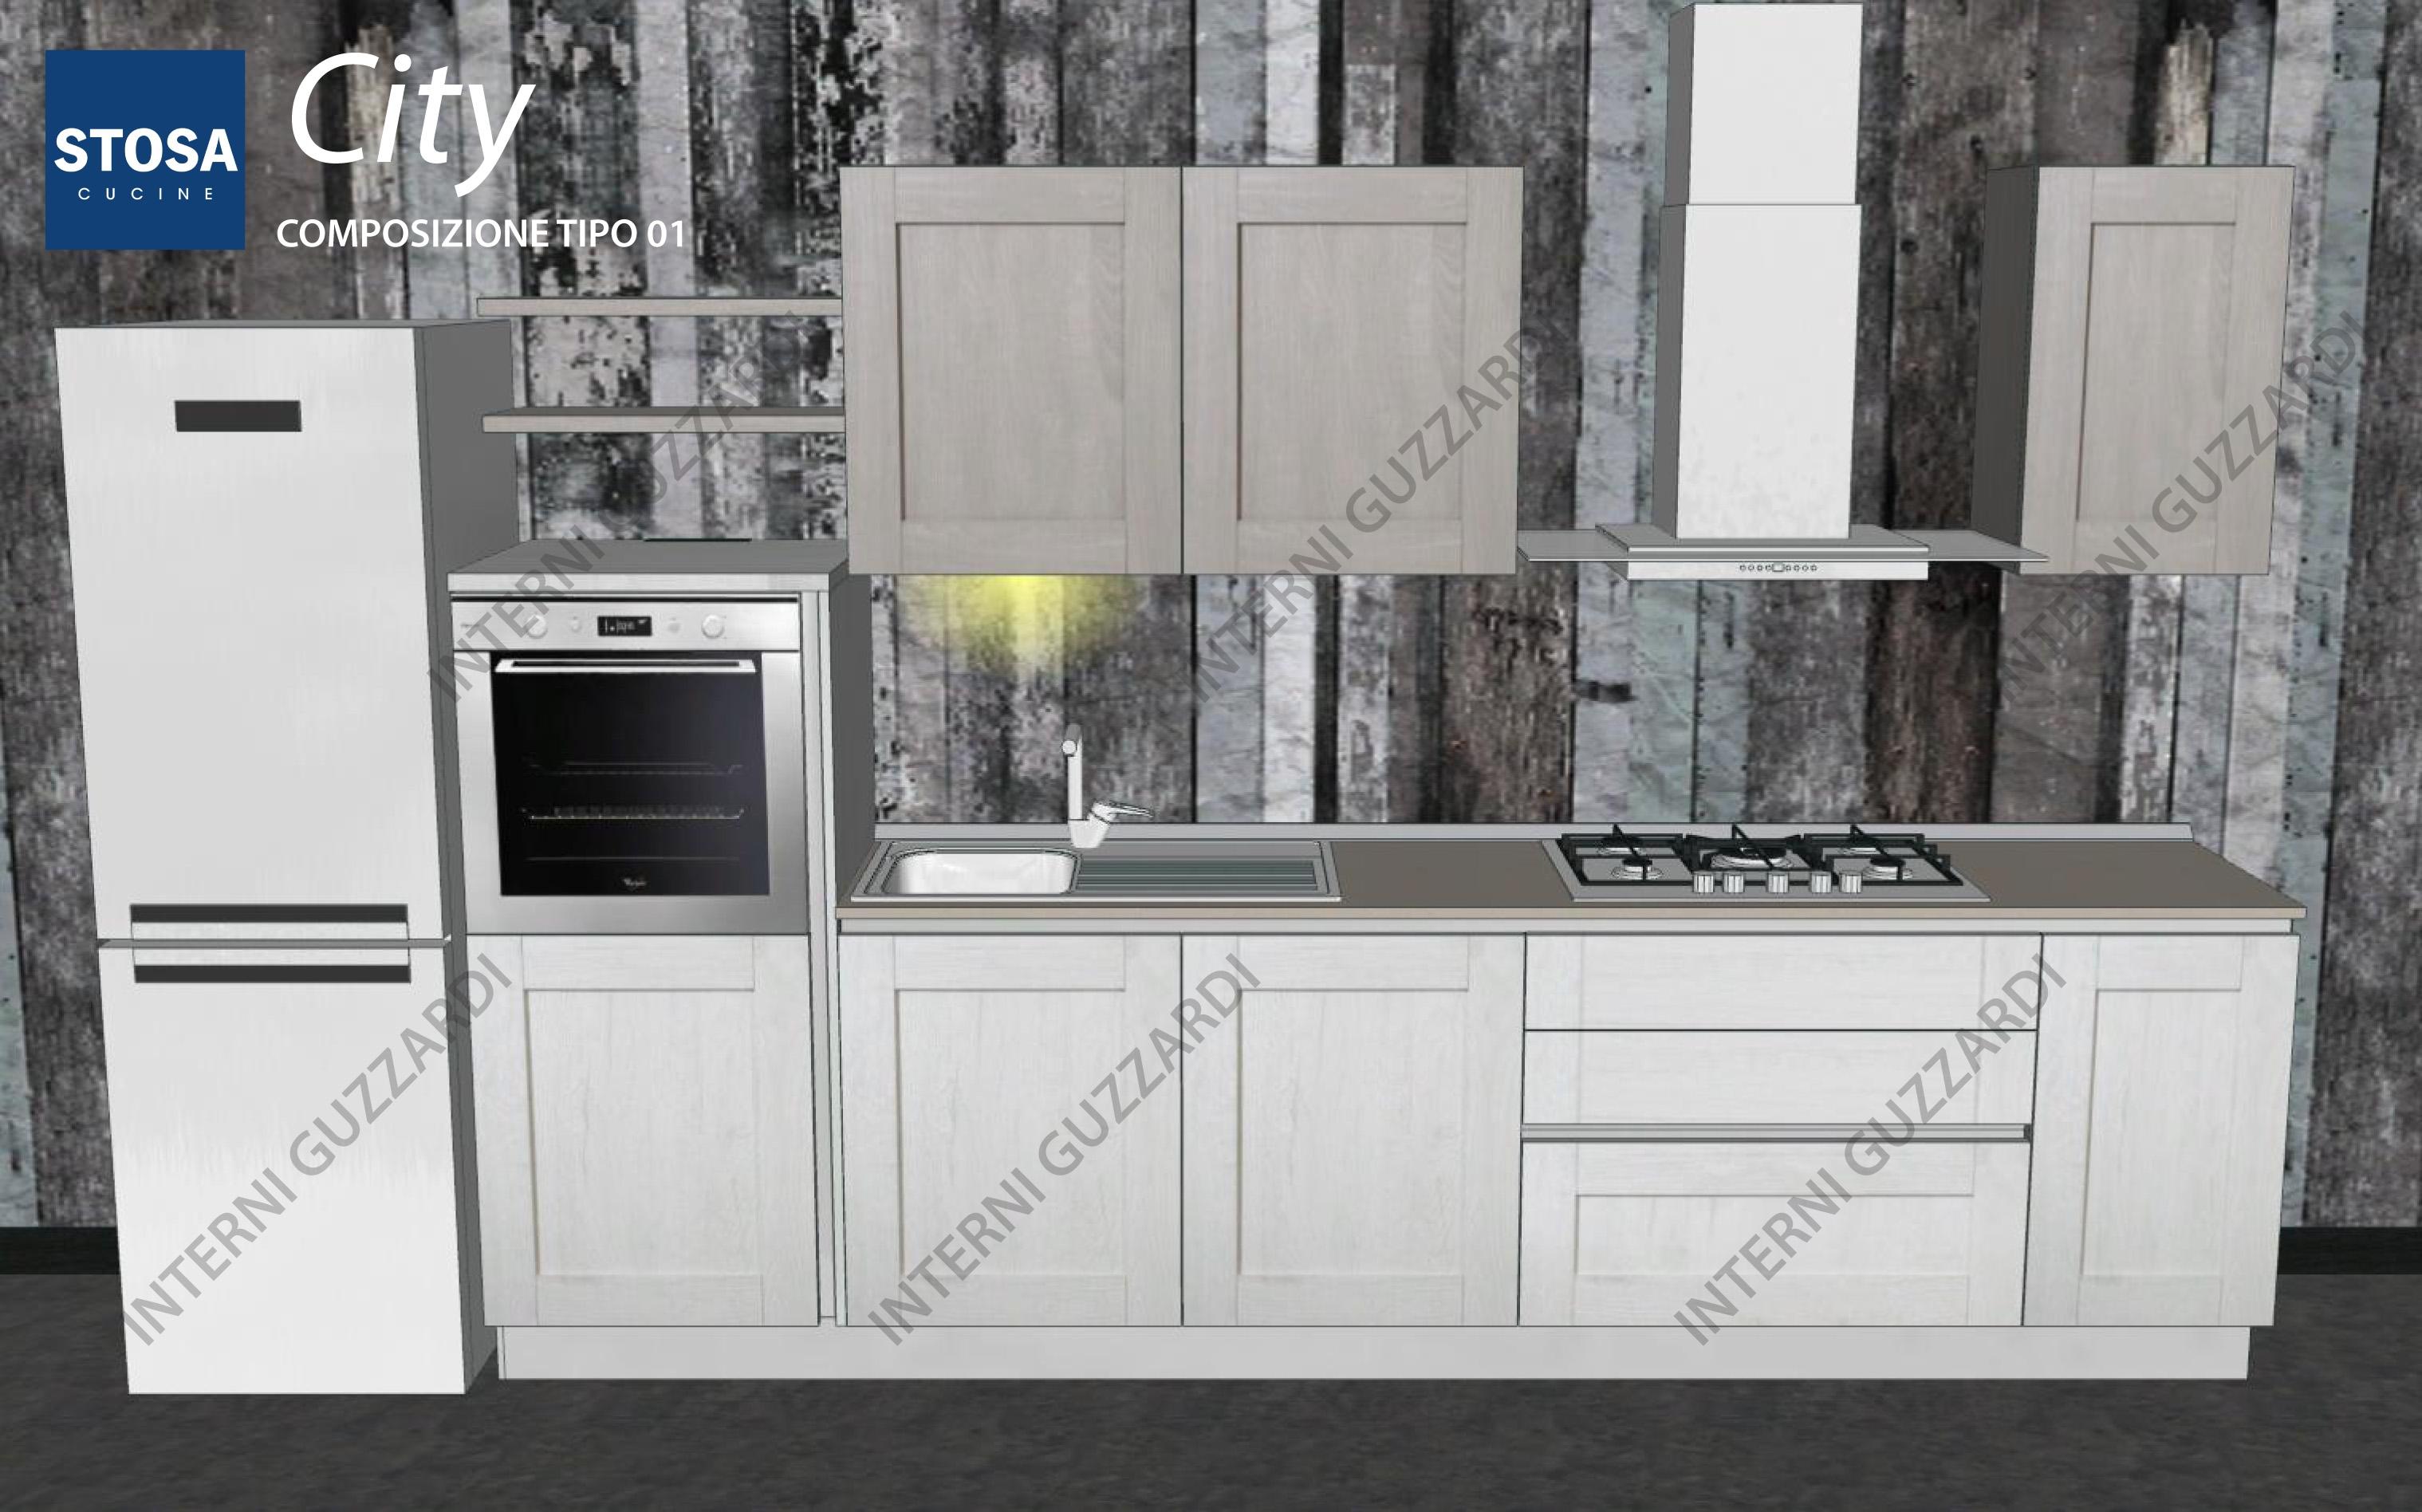 Beautiful Stosa Cucine Recensioni Photos - Home Design ...